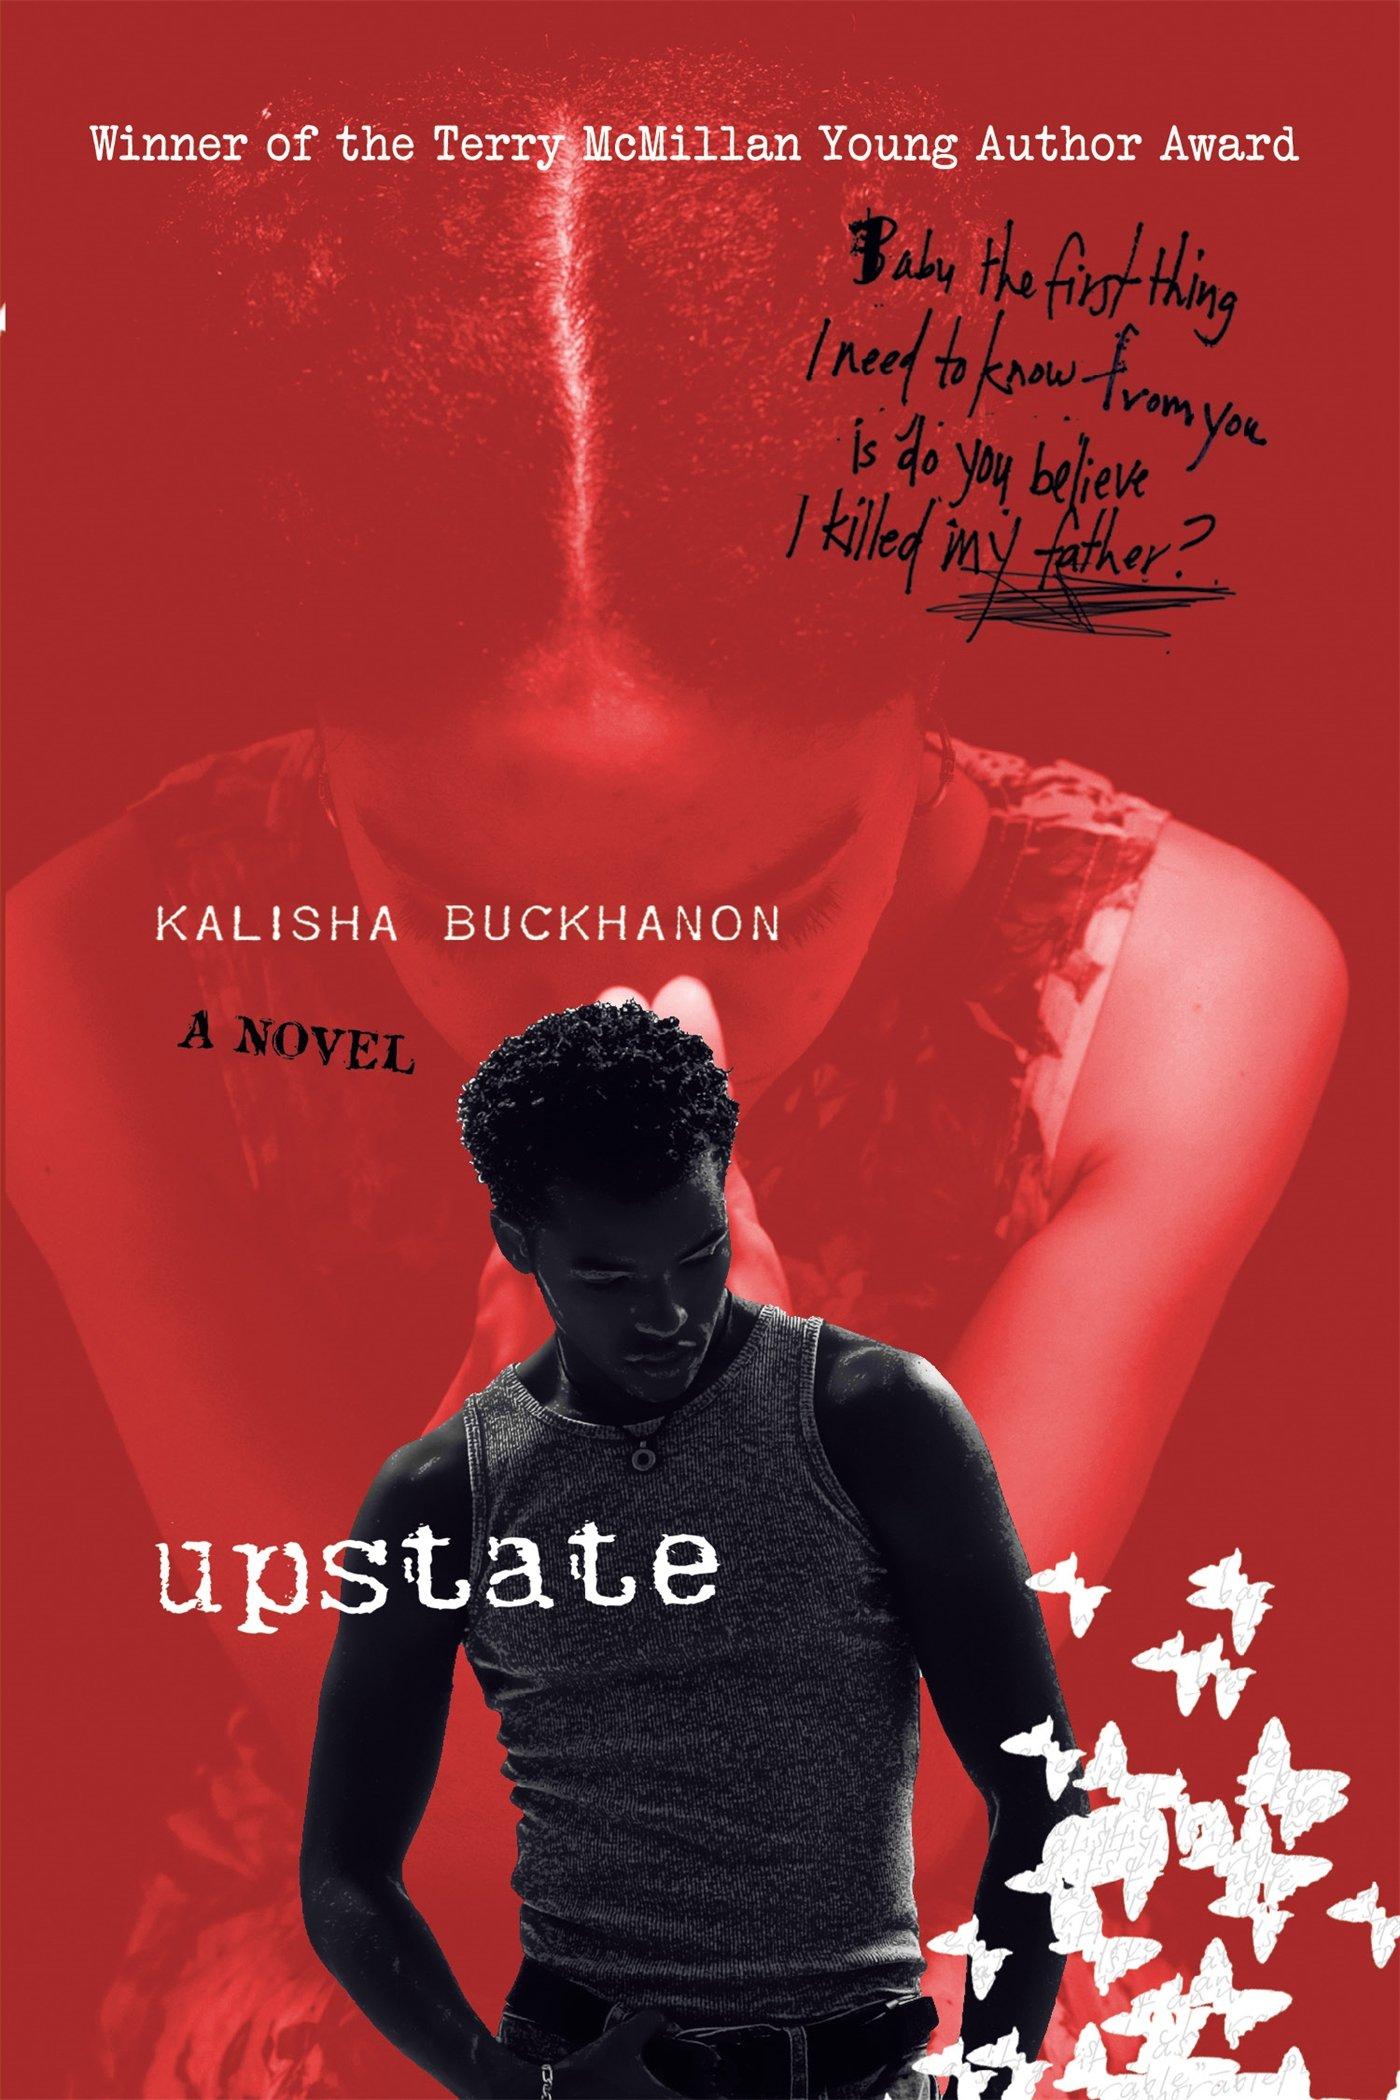 Upstate_Kalisha Buckhanon